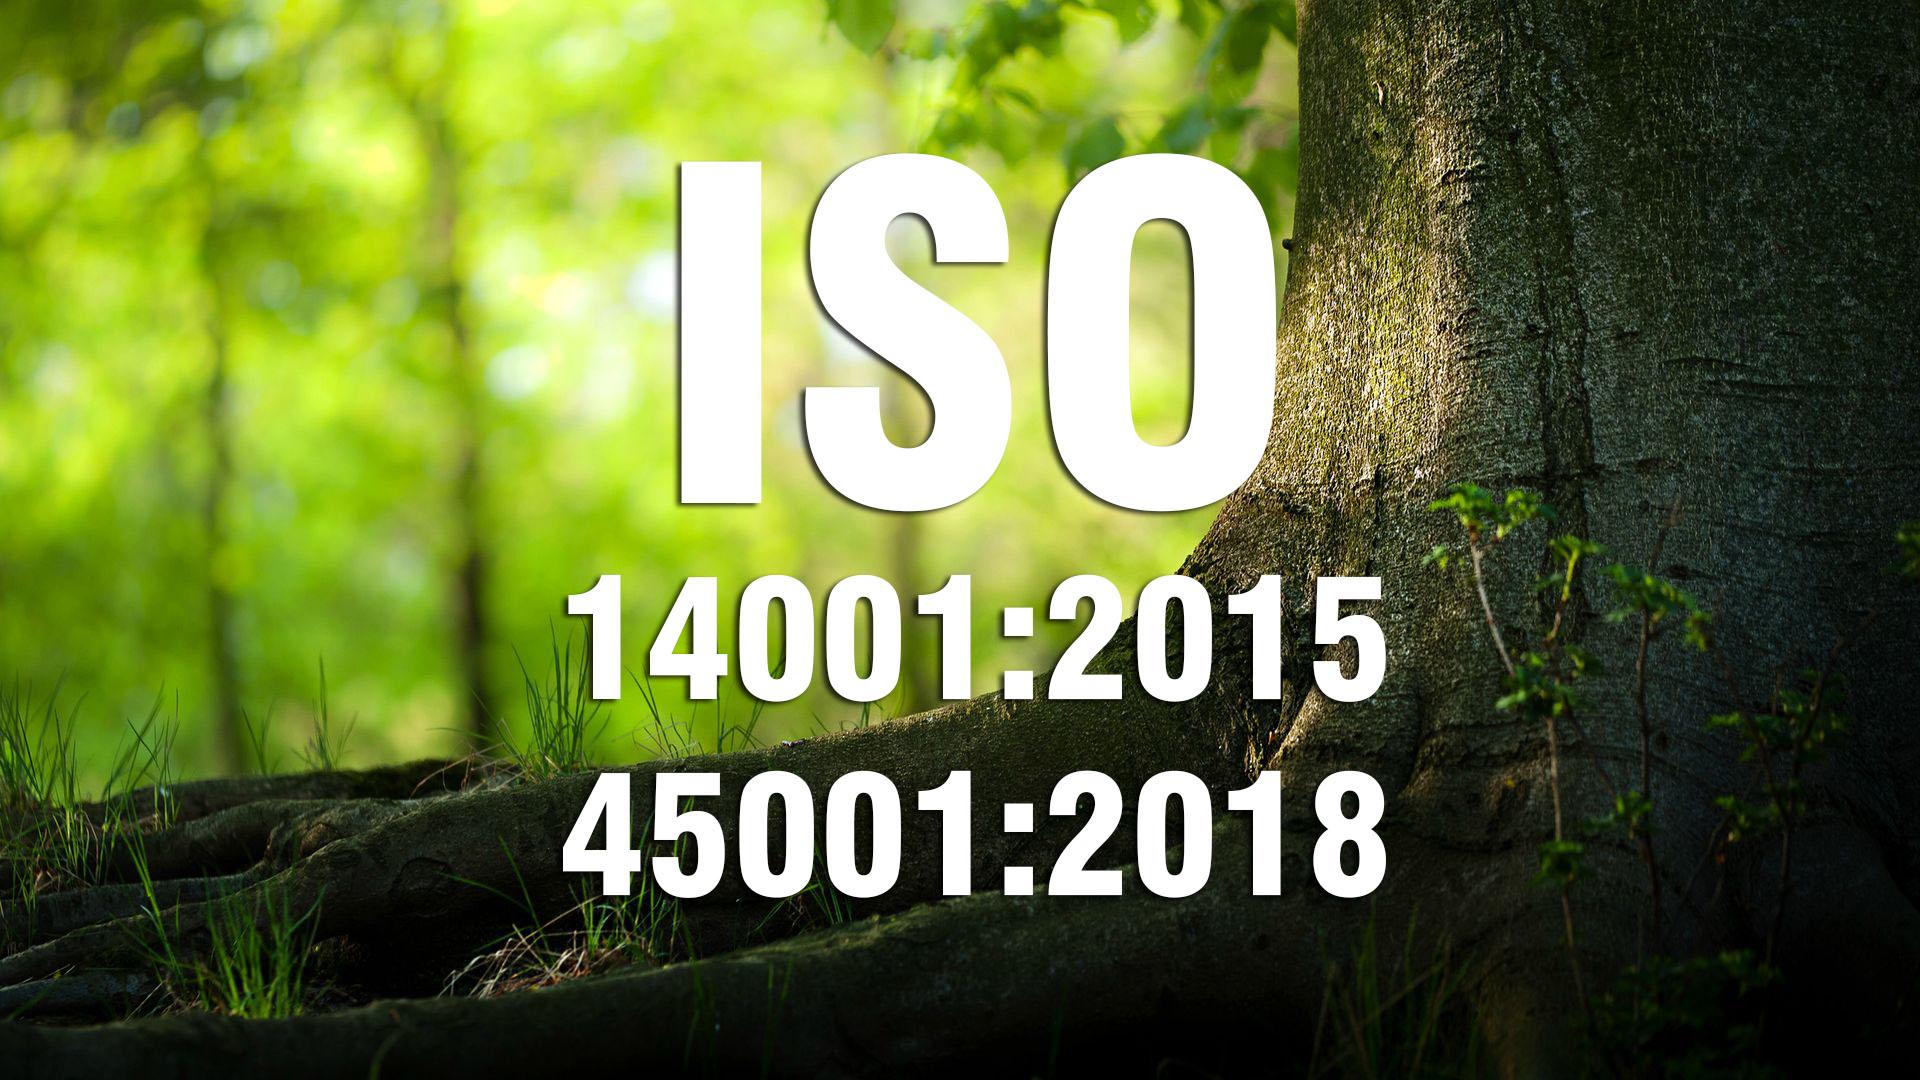 NHẬN THỨC QUẢN LÝ E&OHS THEO ISO 14001:2015 & 45001:2018 (Cấp 1)